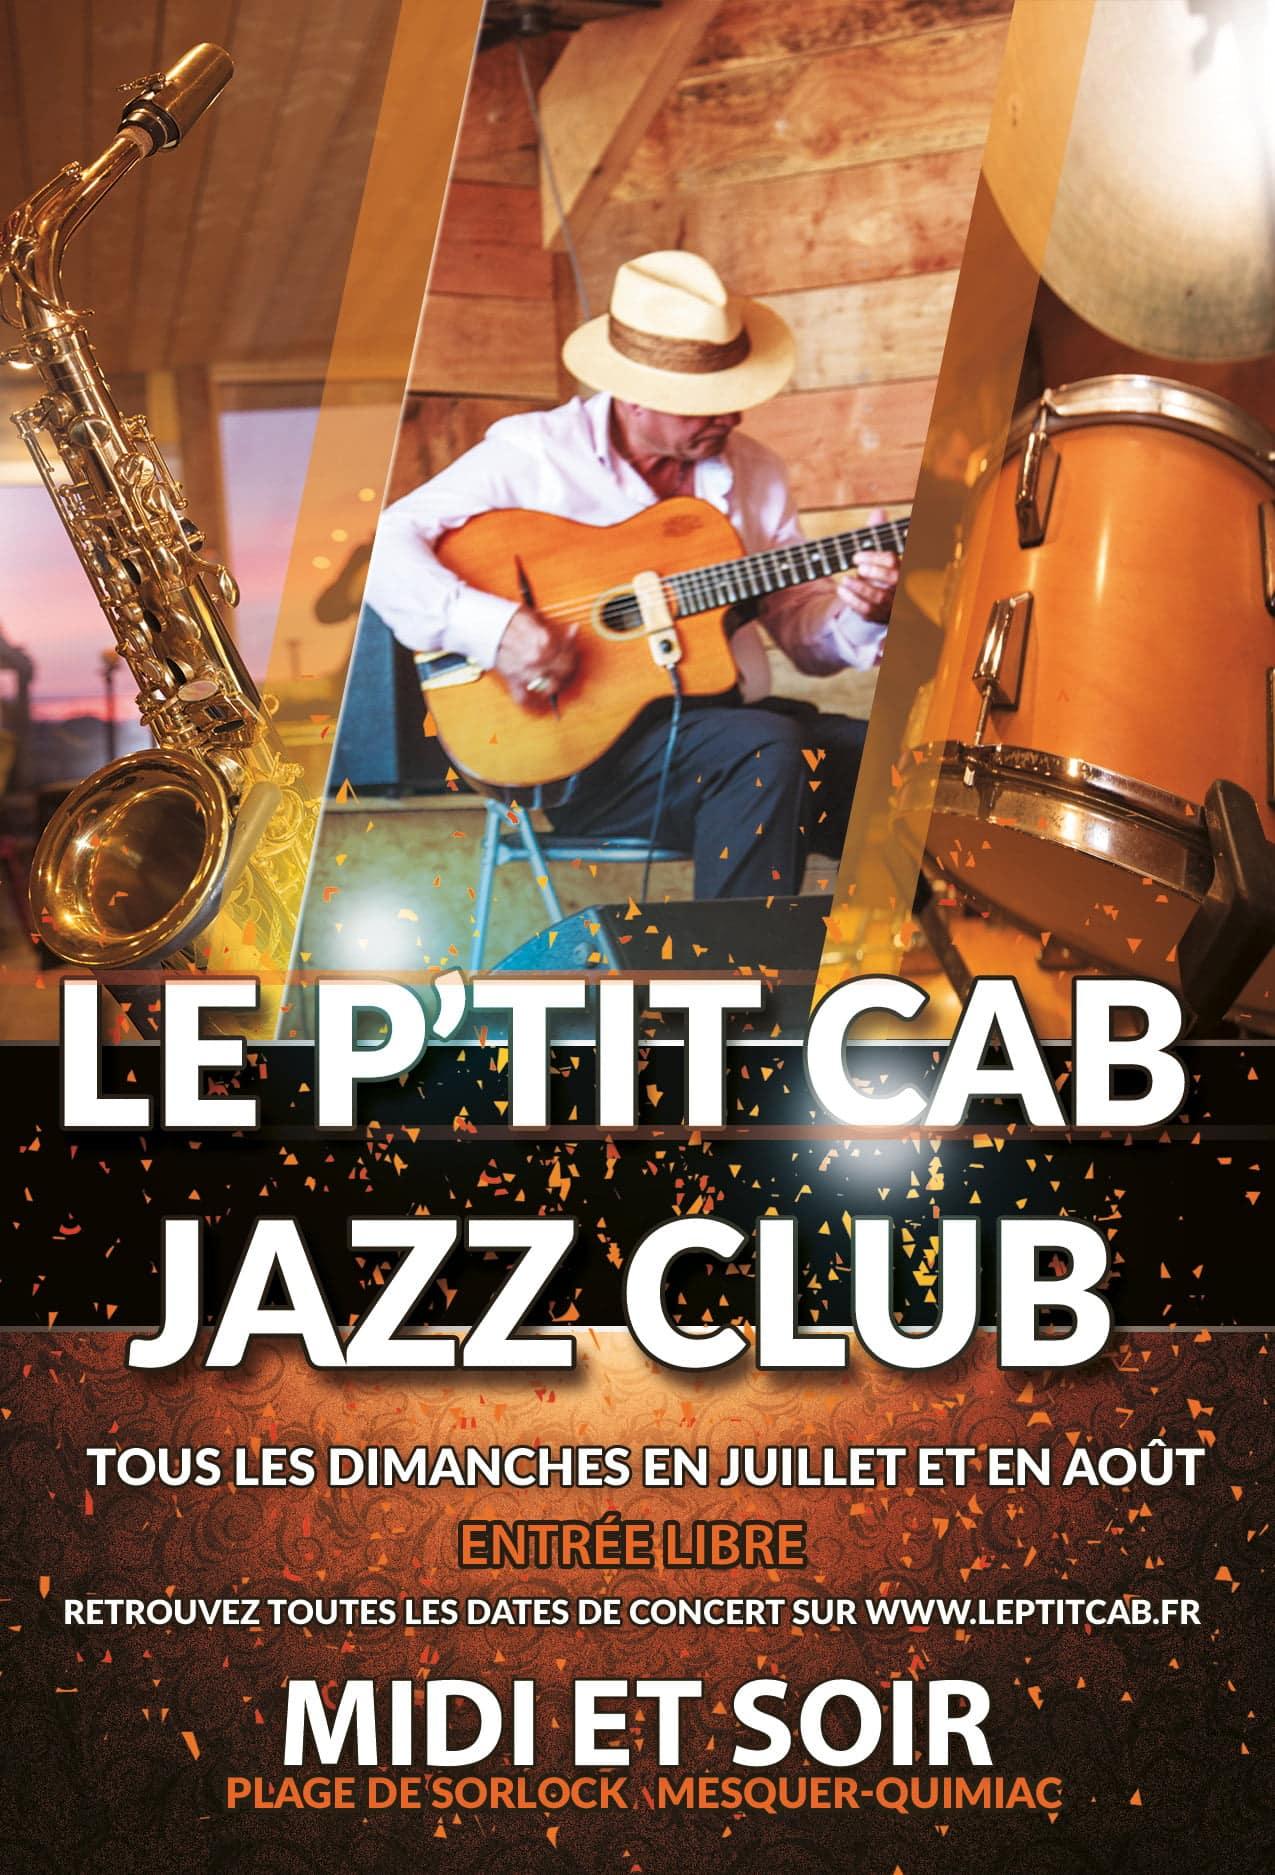 Les dimanches Jazz